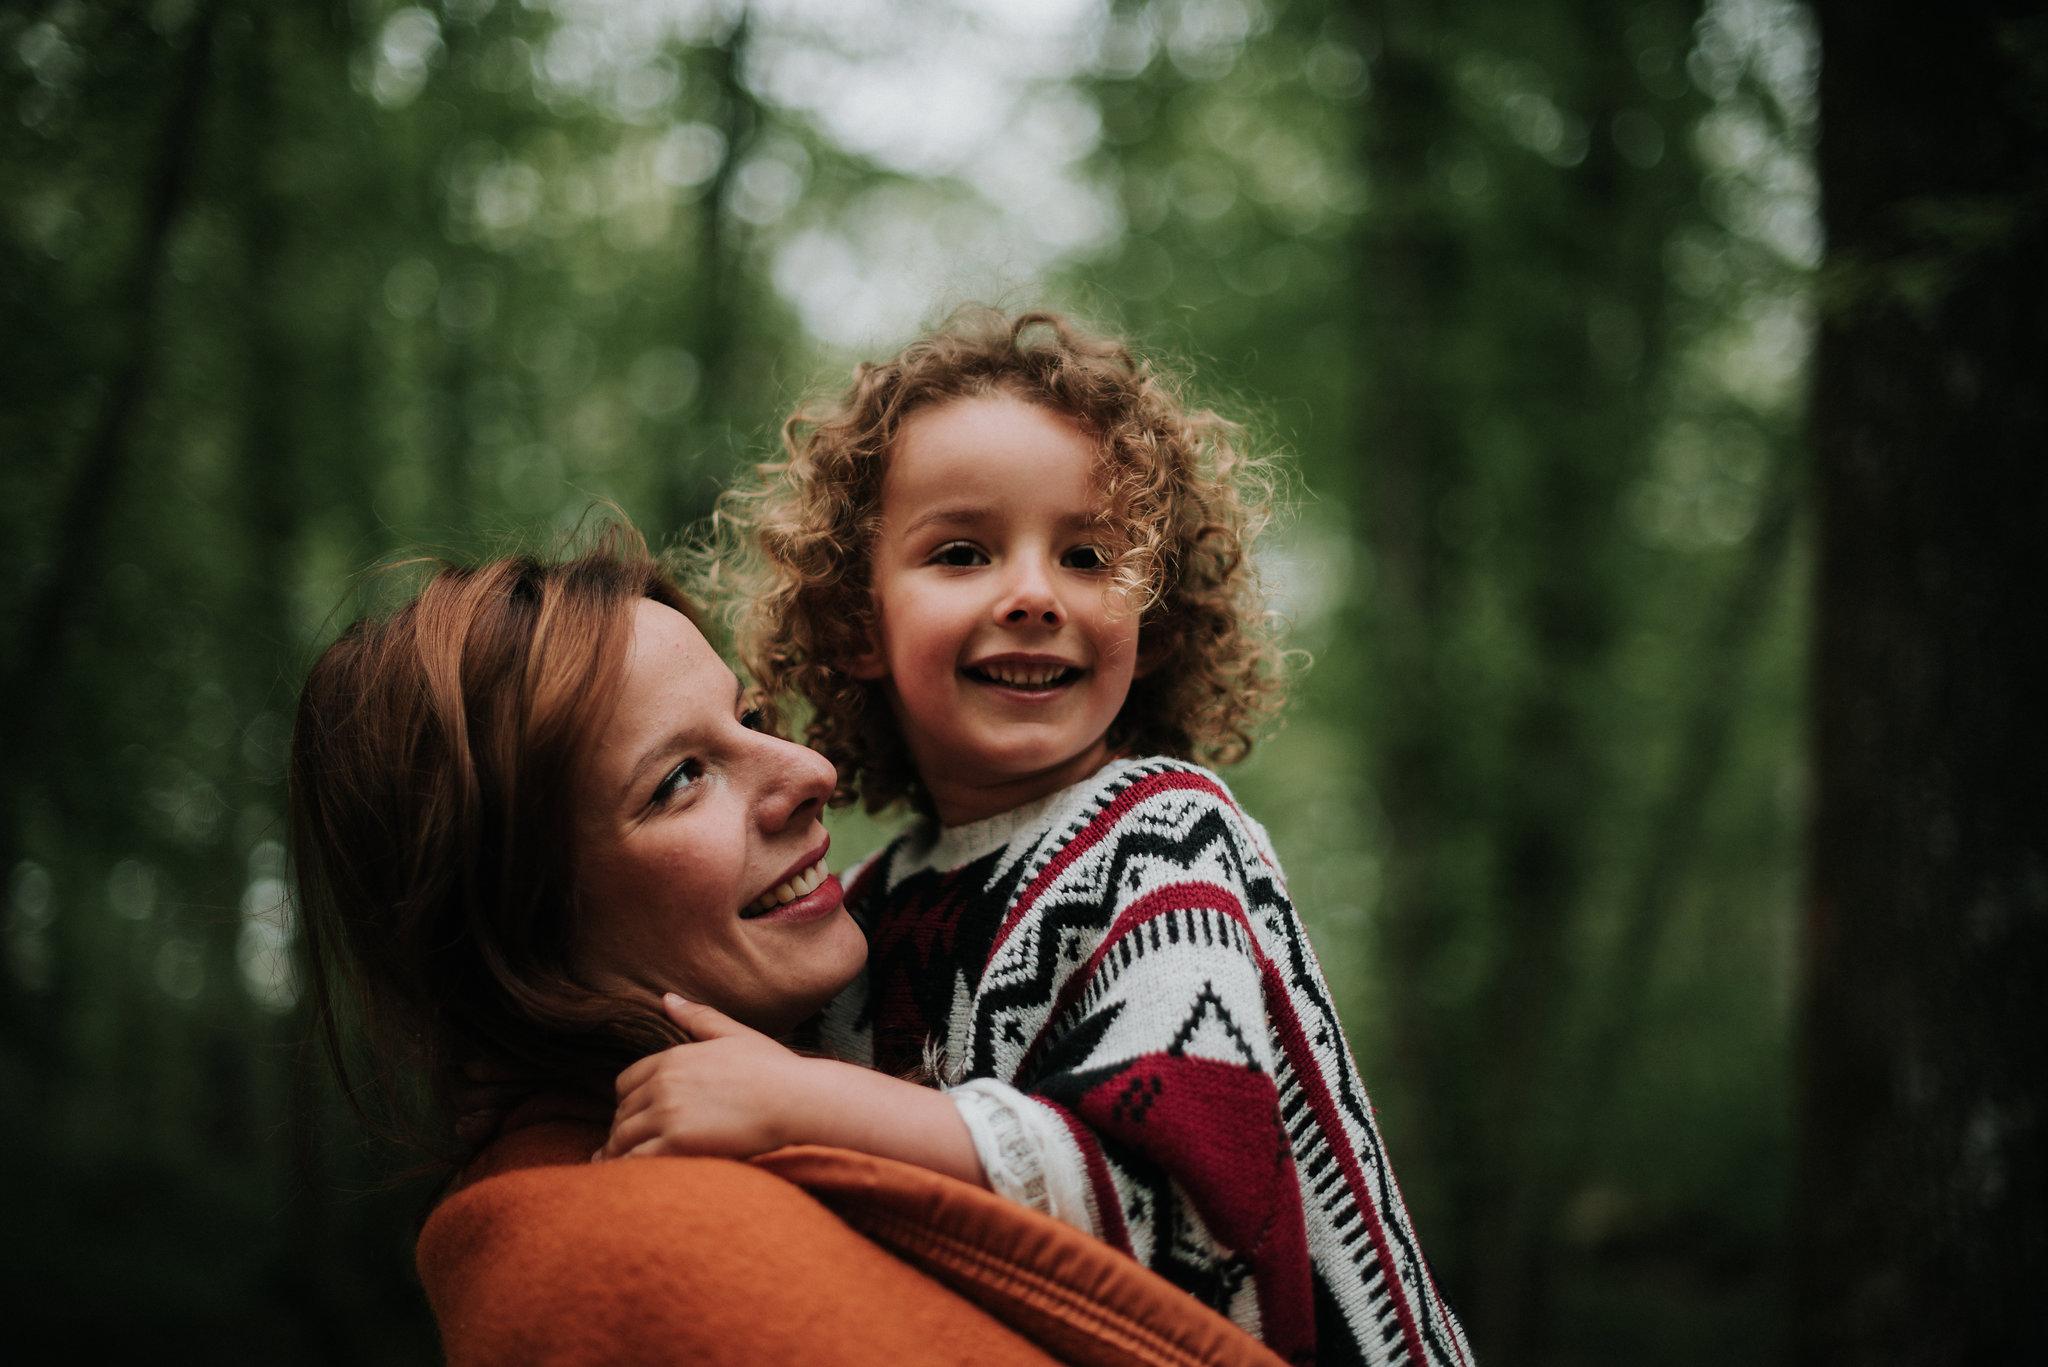 Léa-Fery-photographe-professionnel-lyon-rhone-alpes-portrait-creation-mariage-evenement-evenementiel-famille-7996.jpg